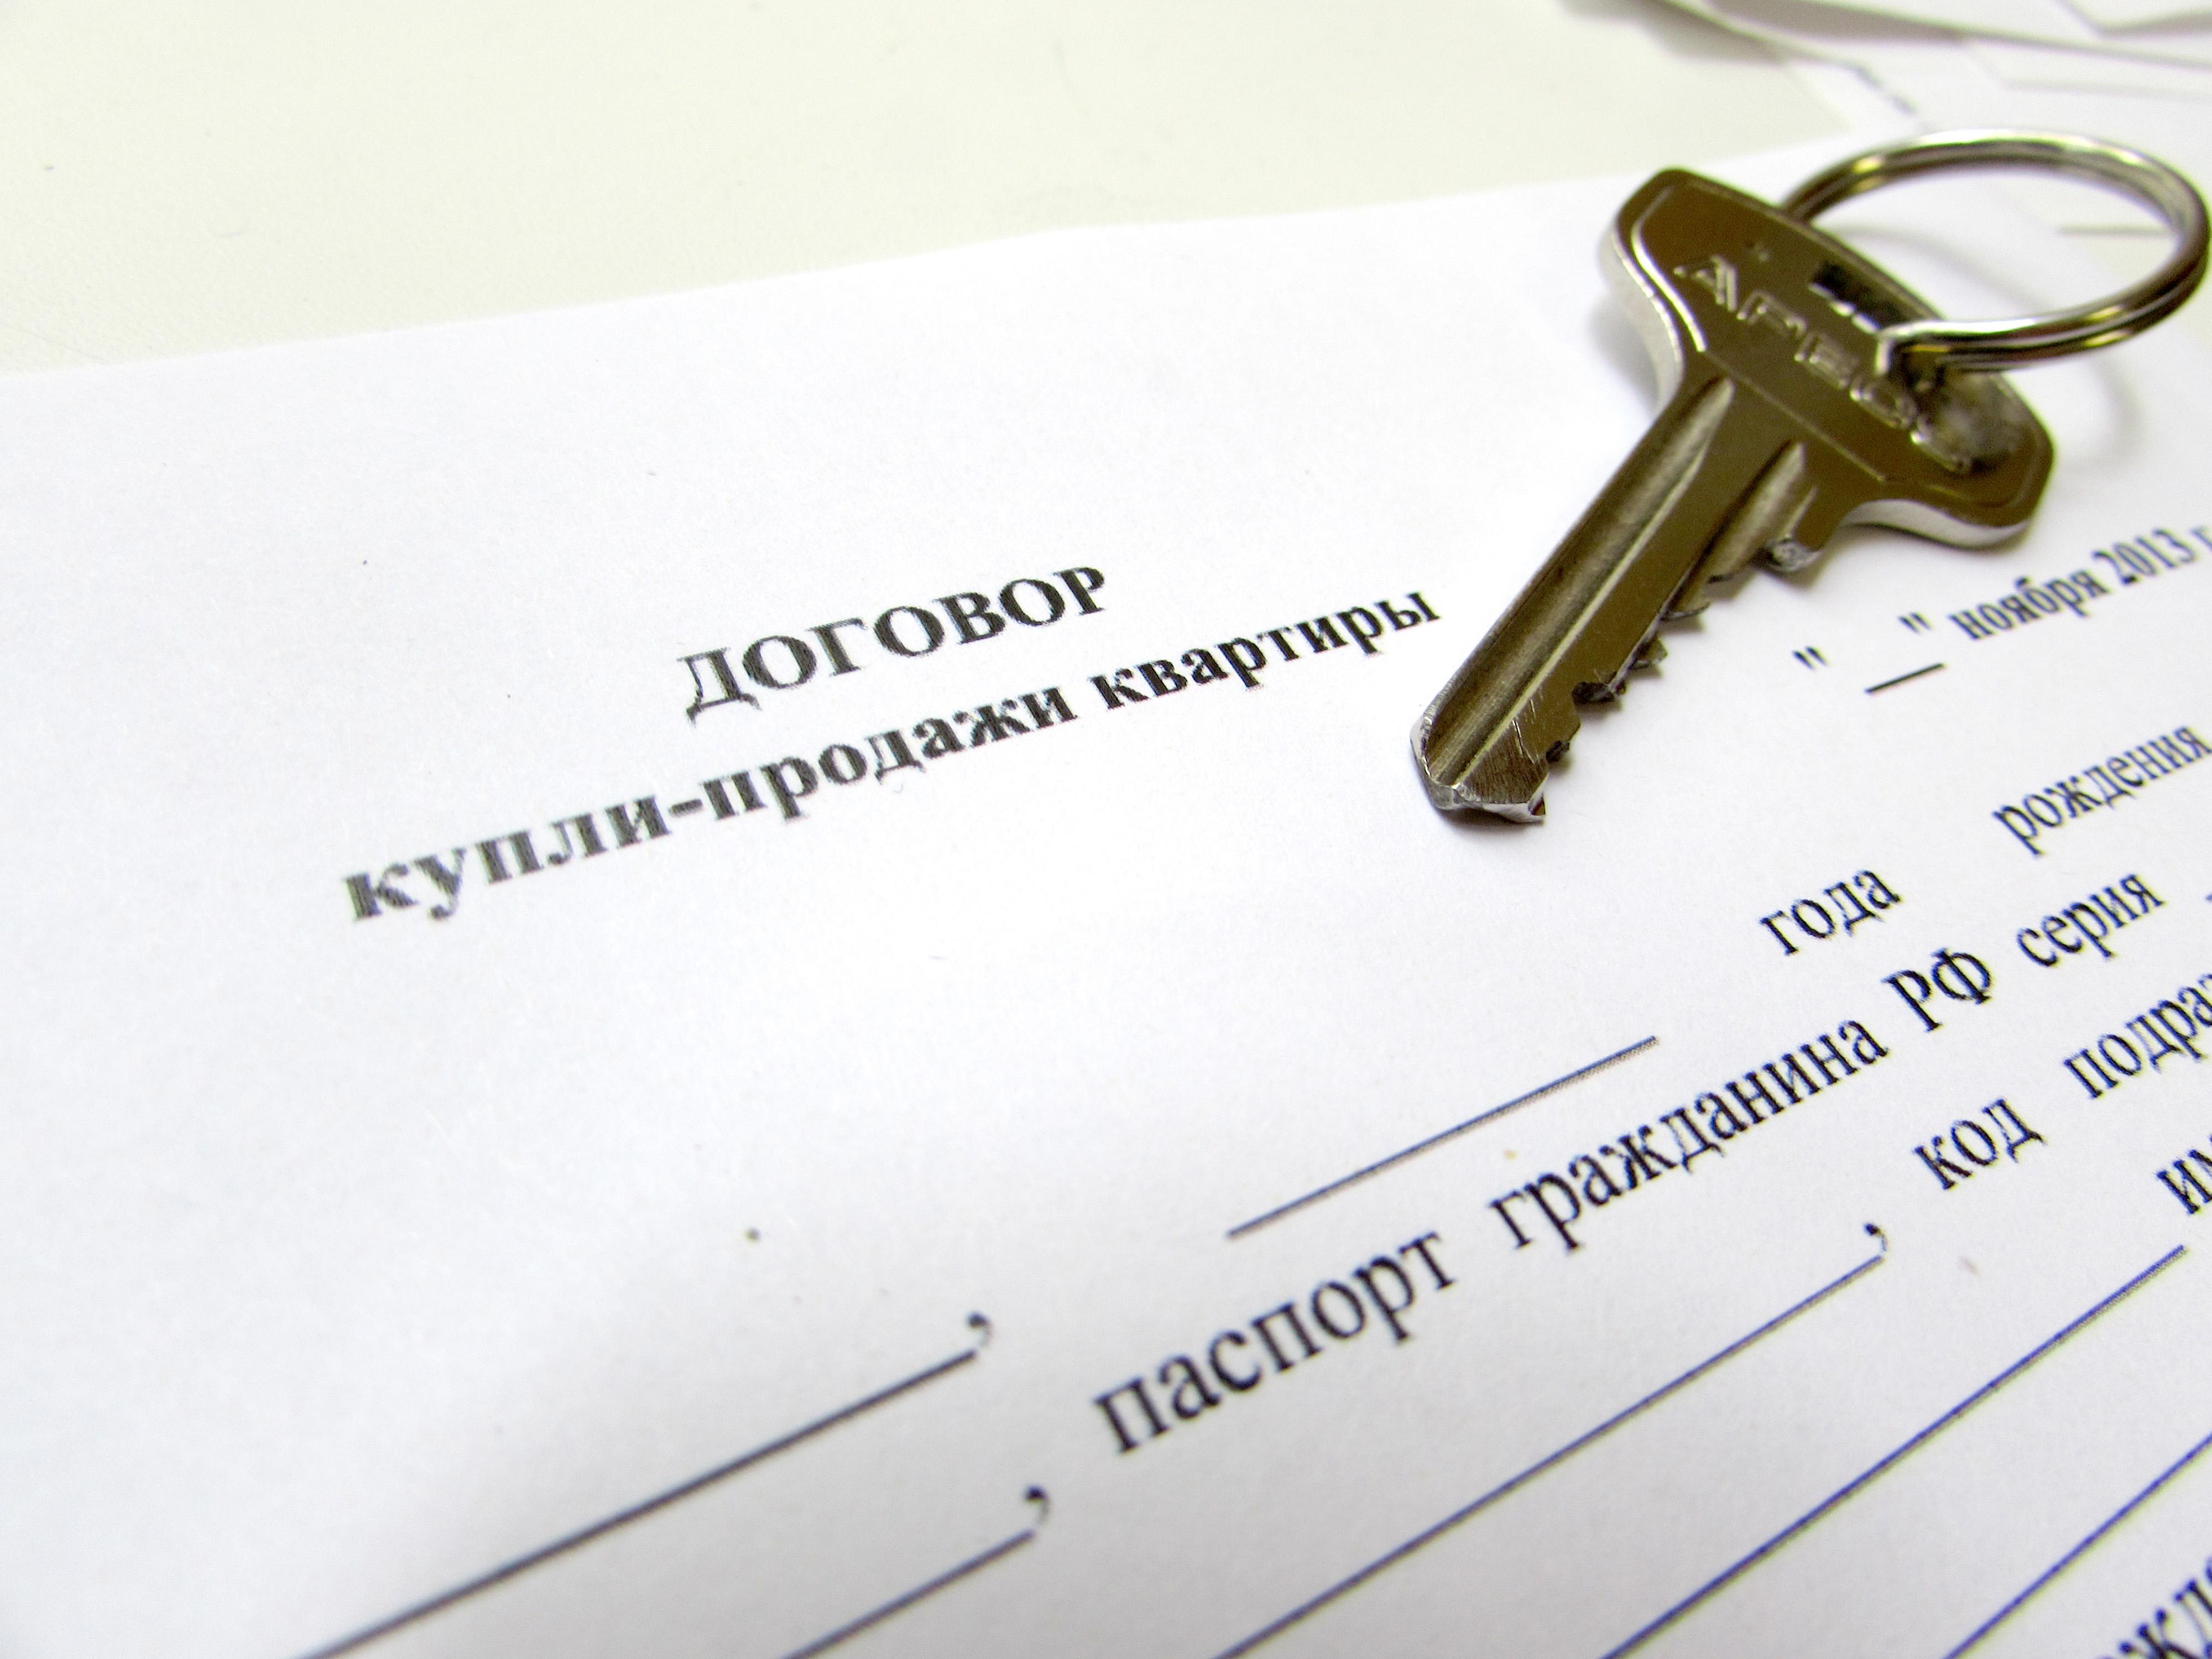 Документы, устанавливающие право распоряжаться имуществом